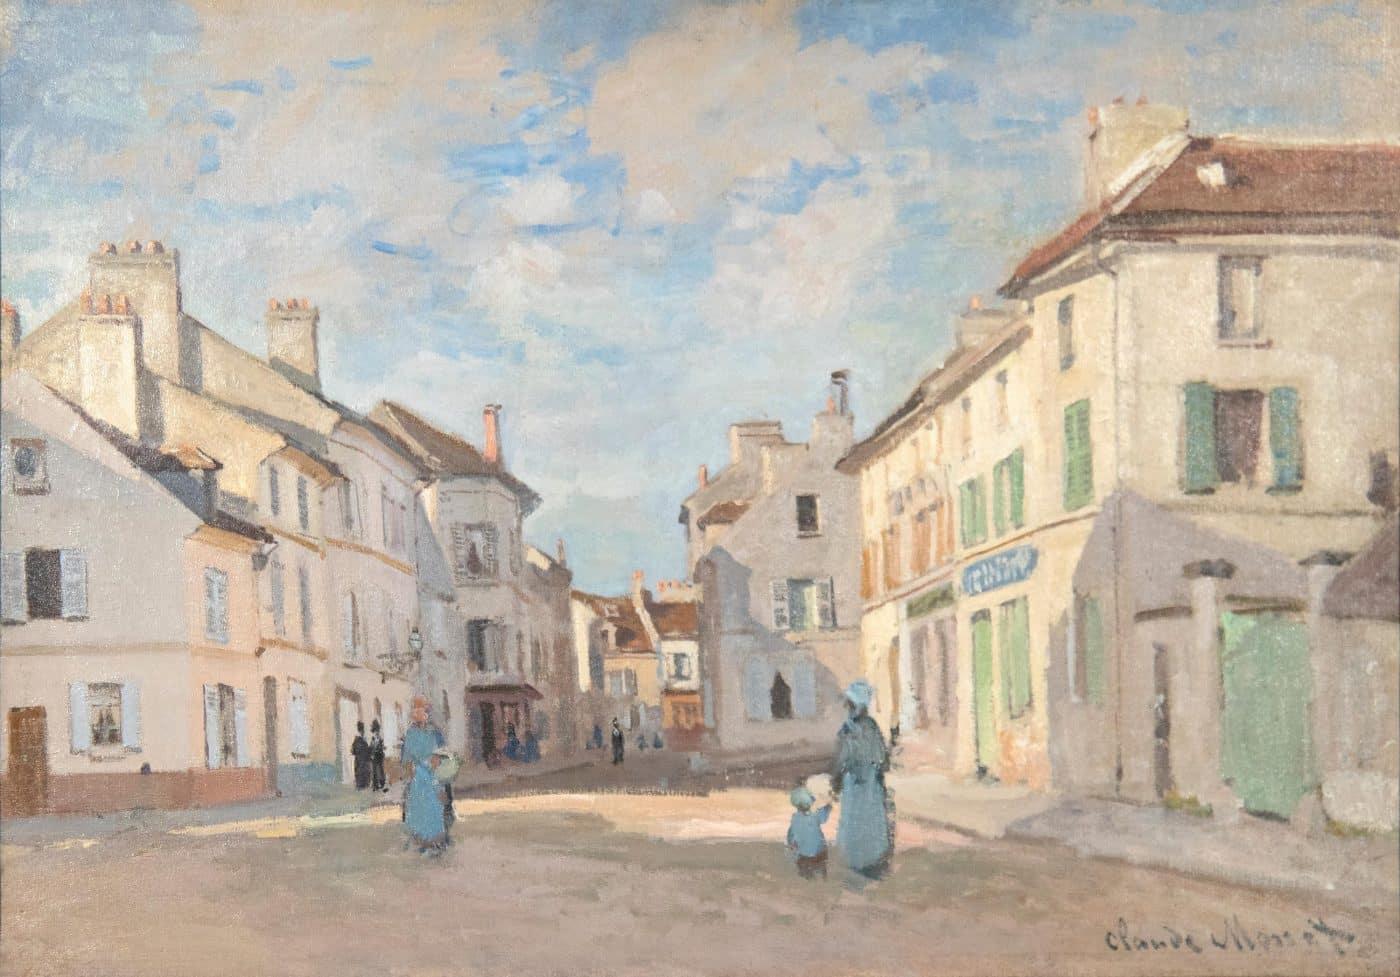 L'Ancienne rue de la Chaussée, Argenteuil, 1872, by Claude Monet, offered by Heather James Fine Art